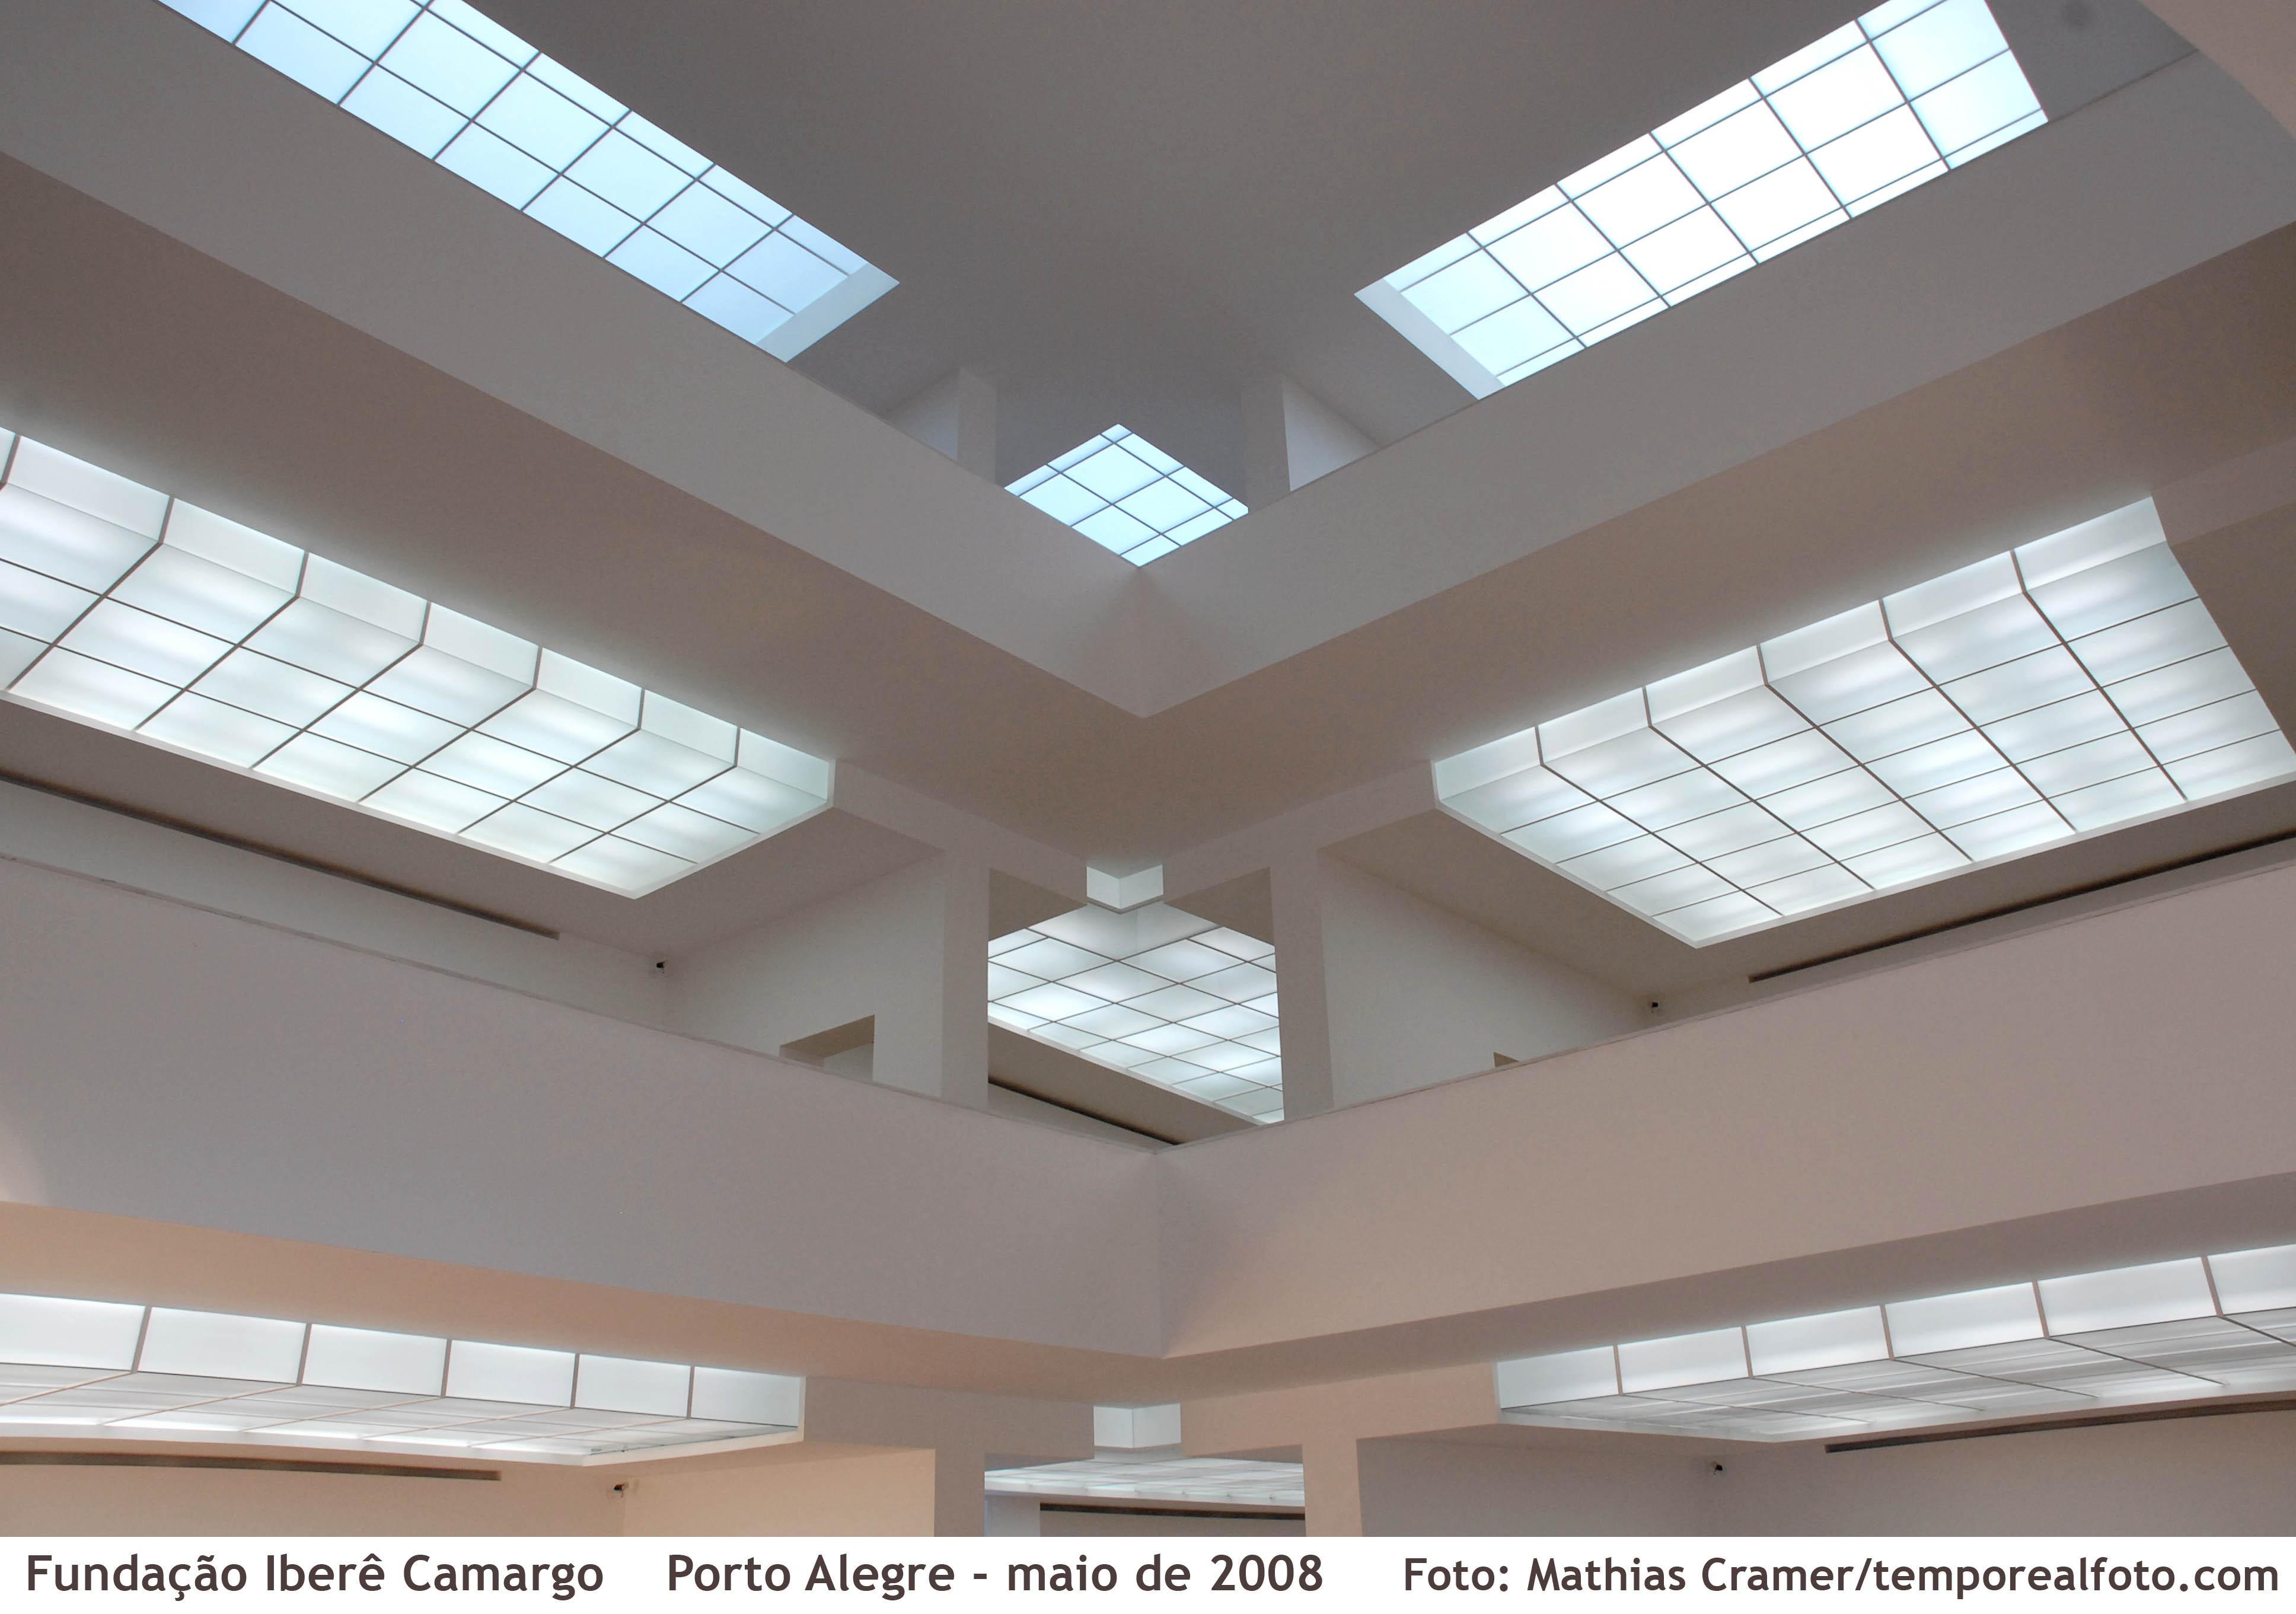 Alvaro Siza - Fondazione Iberê Camargo